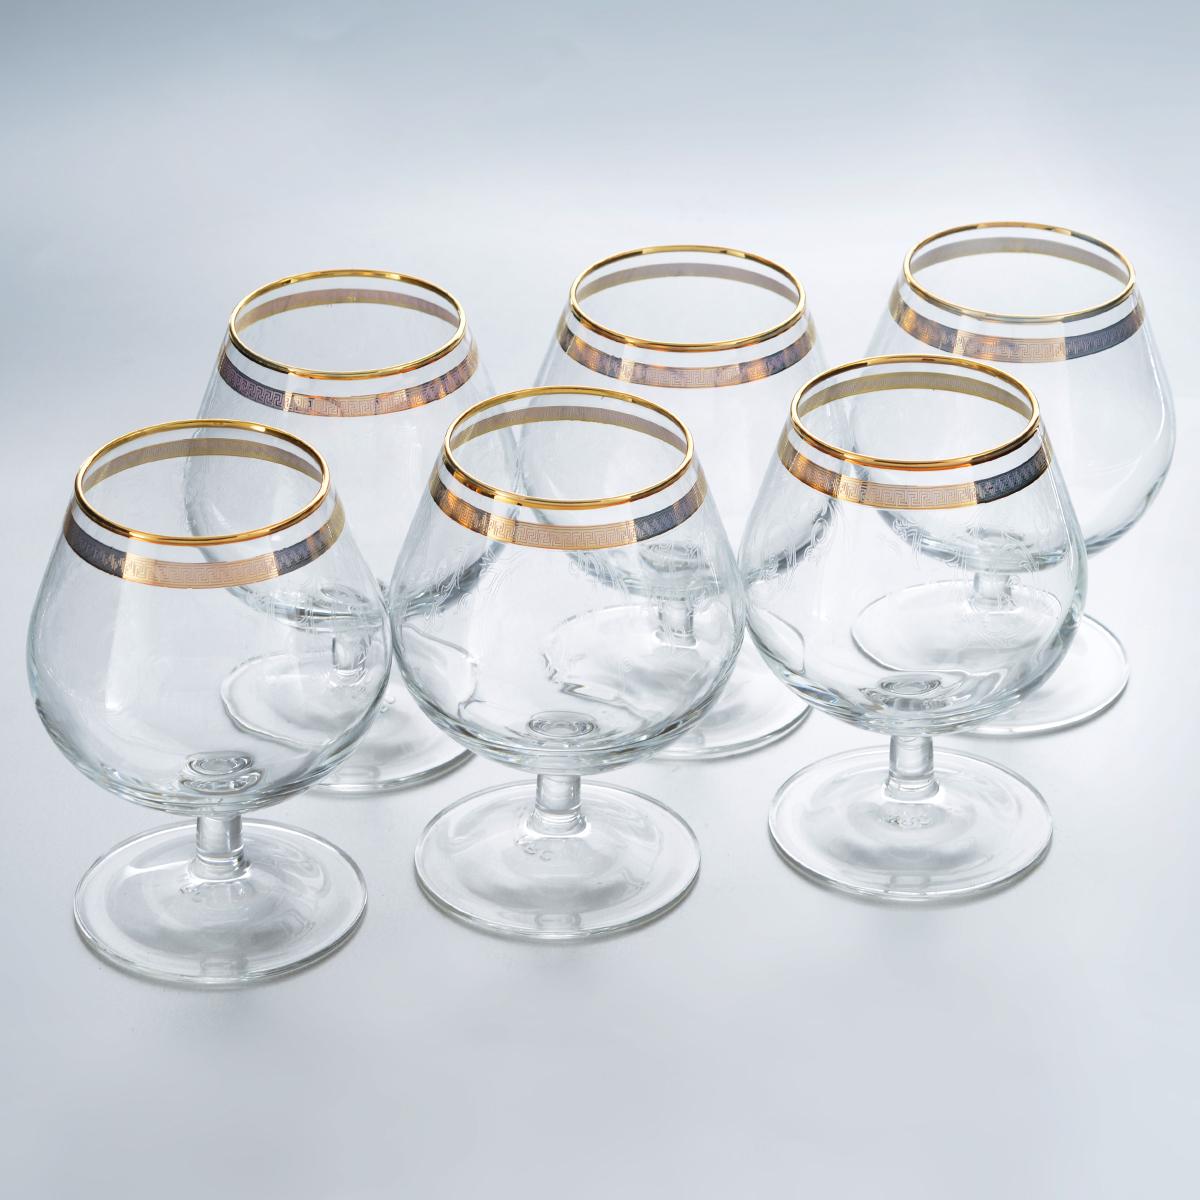 Набор бокалов для бренди Гусь-Хрустальный Каскад, 250 мл, 6 шт набор бокалов для бренди гусь хрустальный версаче 400 мл 6 шт